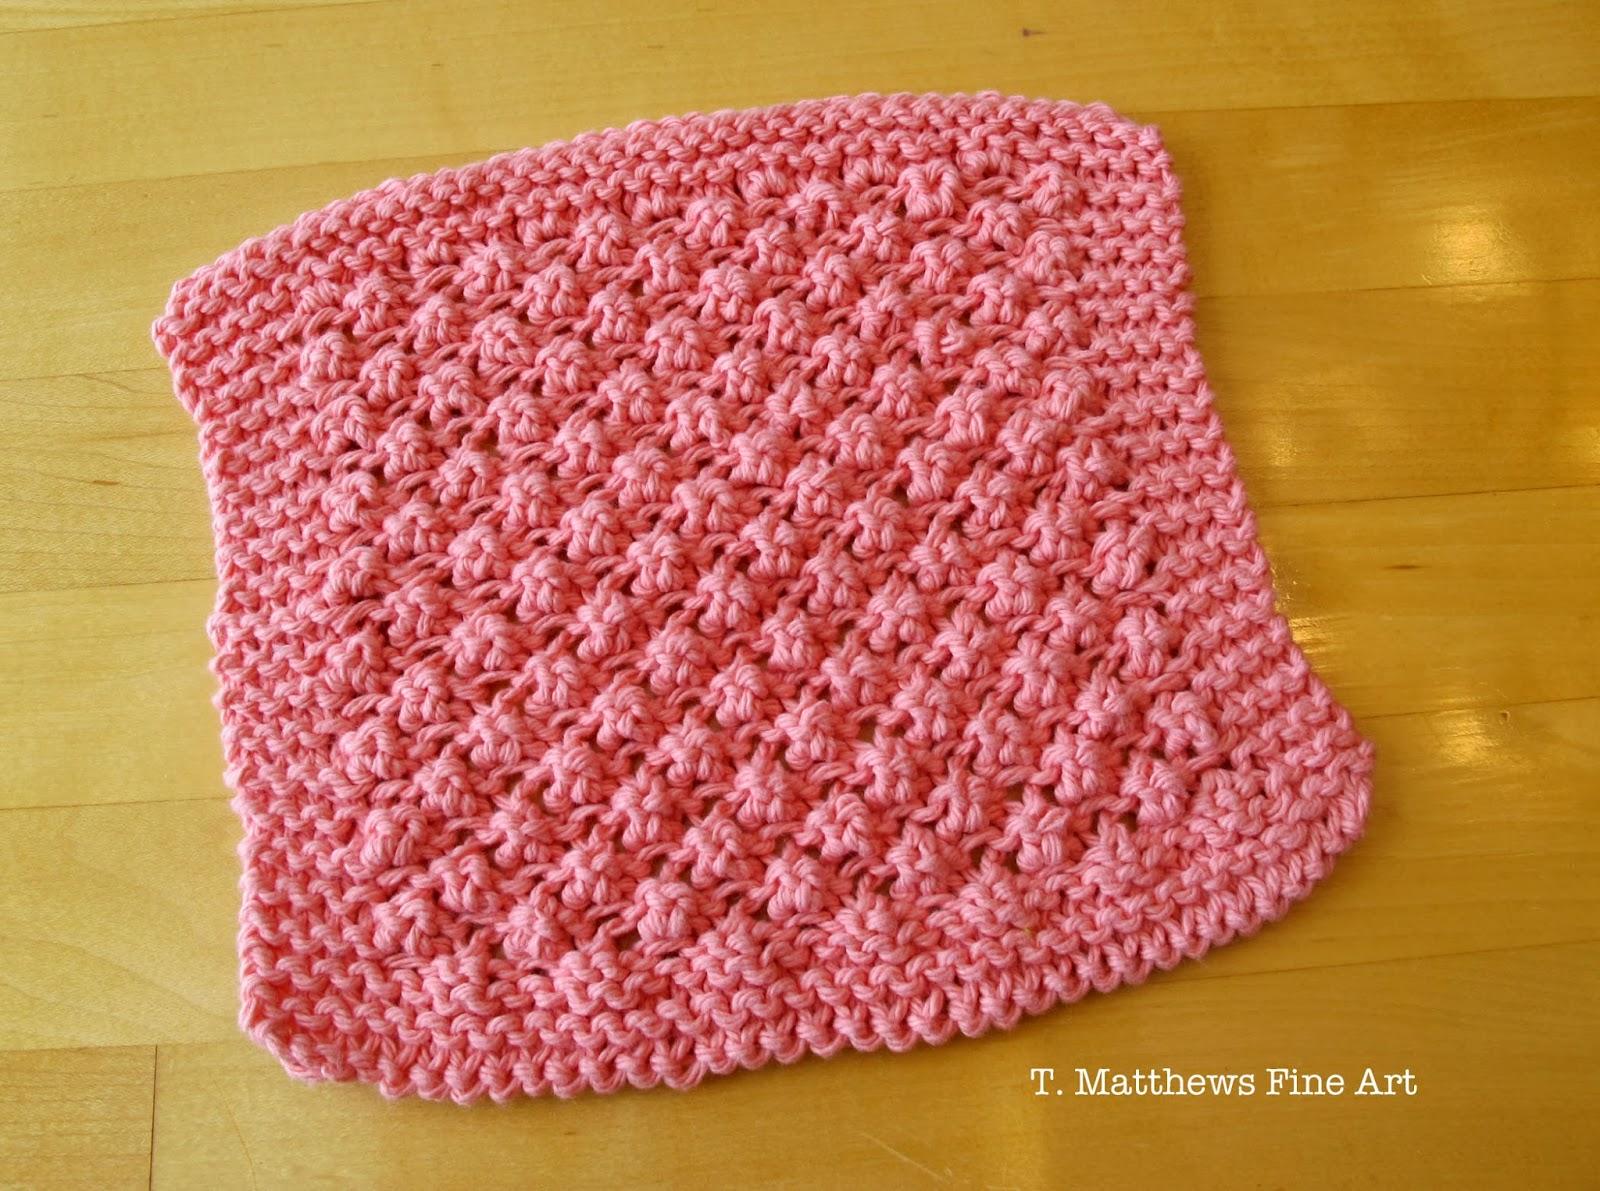 Washcloth Knitting Pattern Free T Matthews Fine Art Free Knitting Pattern Raspberry Ba Washcloth